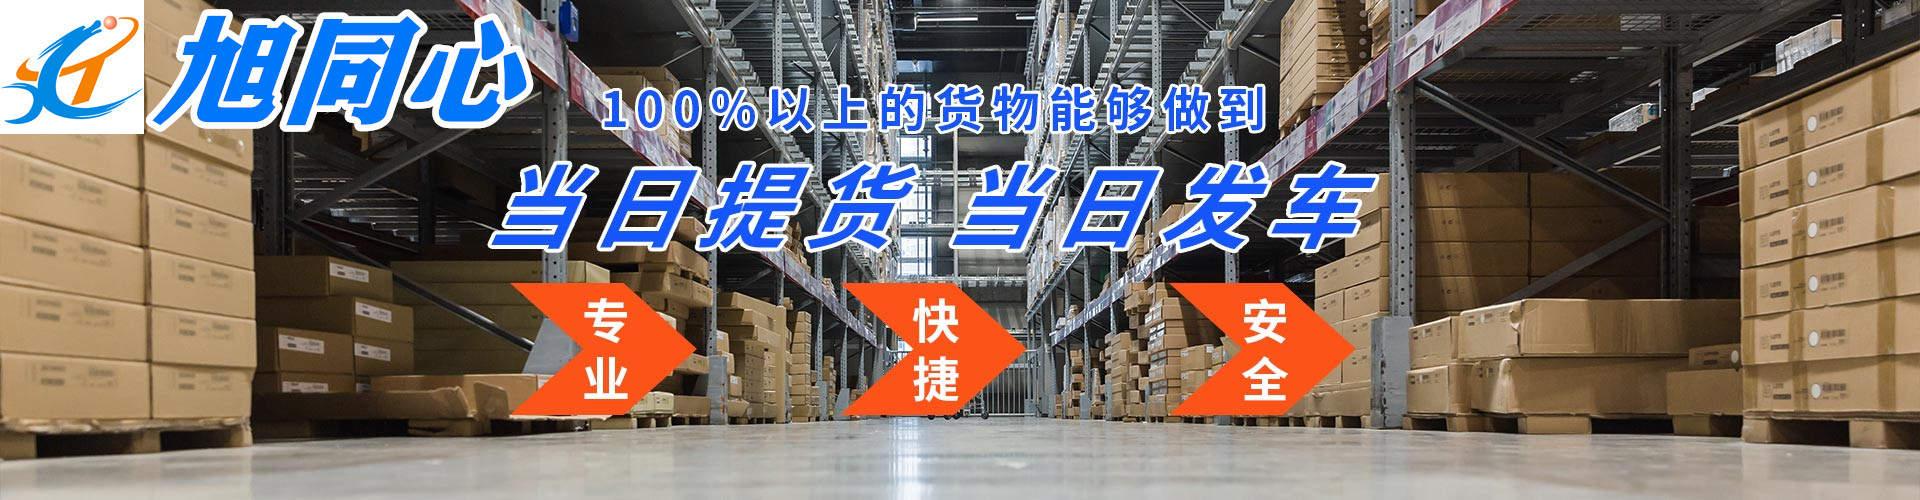 惠州市新圩镇到南阳新野物流公司上门提货